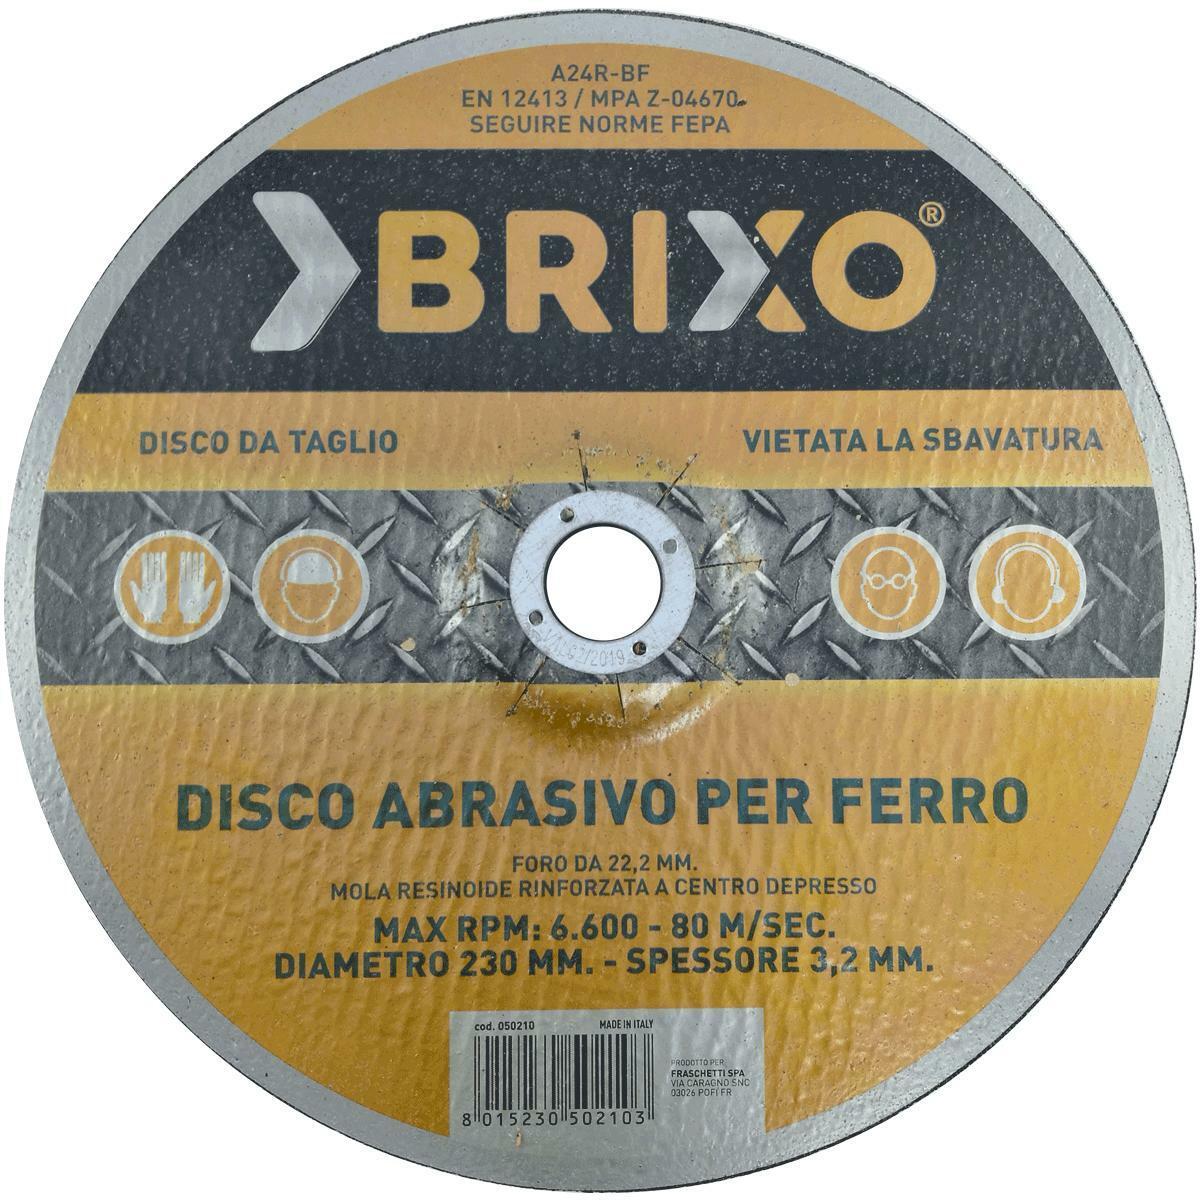 brixio disco abrasivo metalli 230mm 3.2mm smerigliatrice